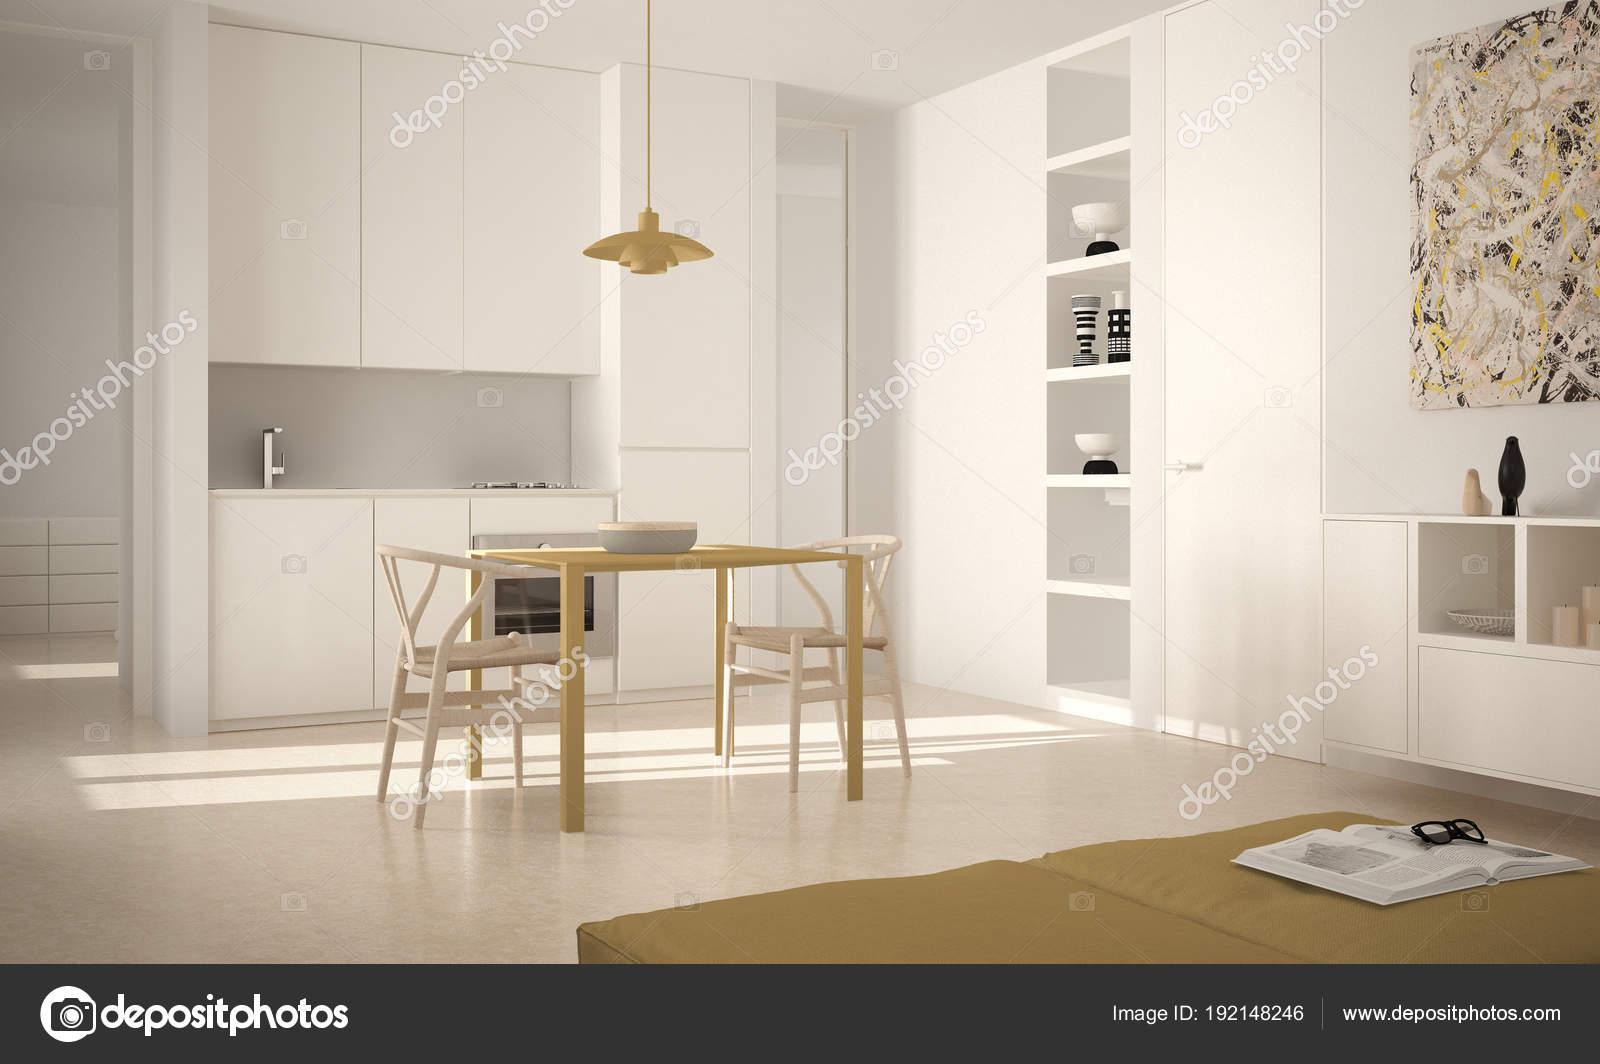 Minimalistische moderne helle Küche mit Esstisch und Stühle, große ...